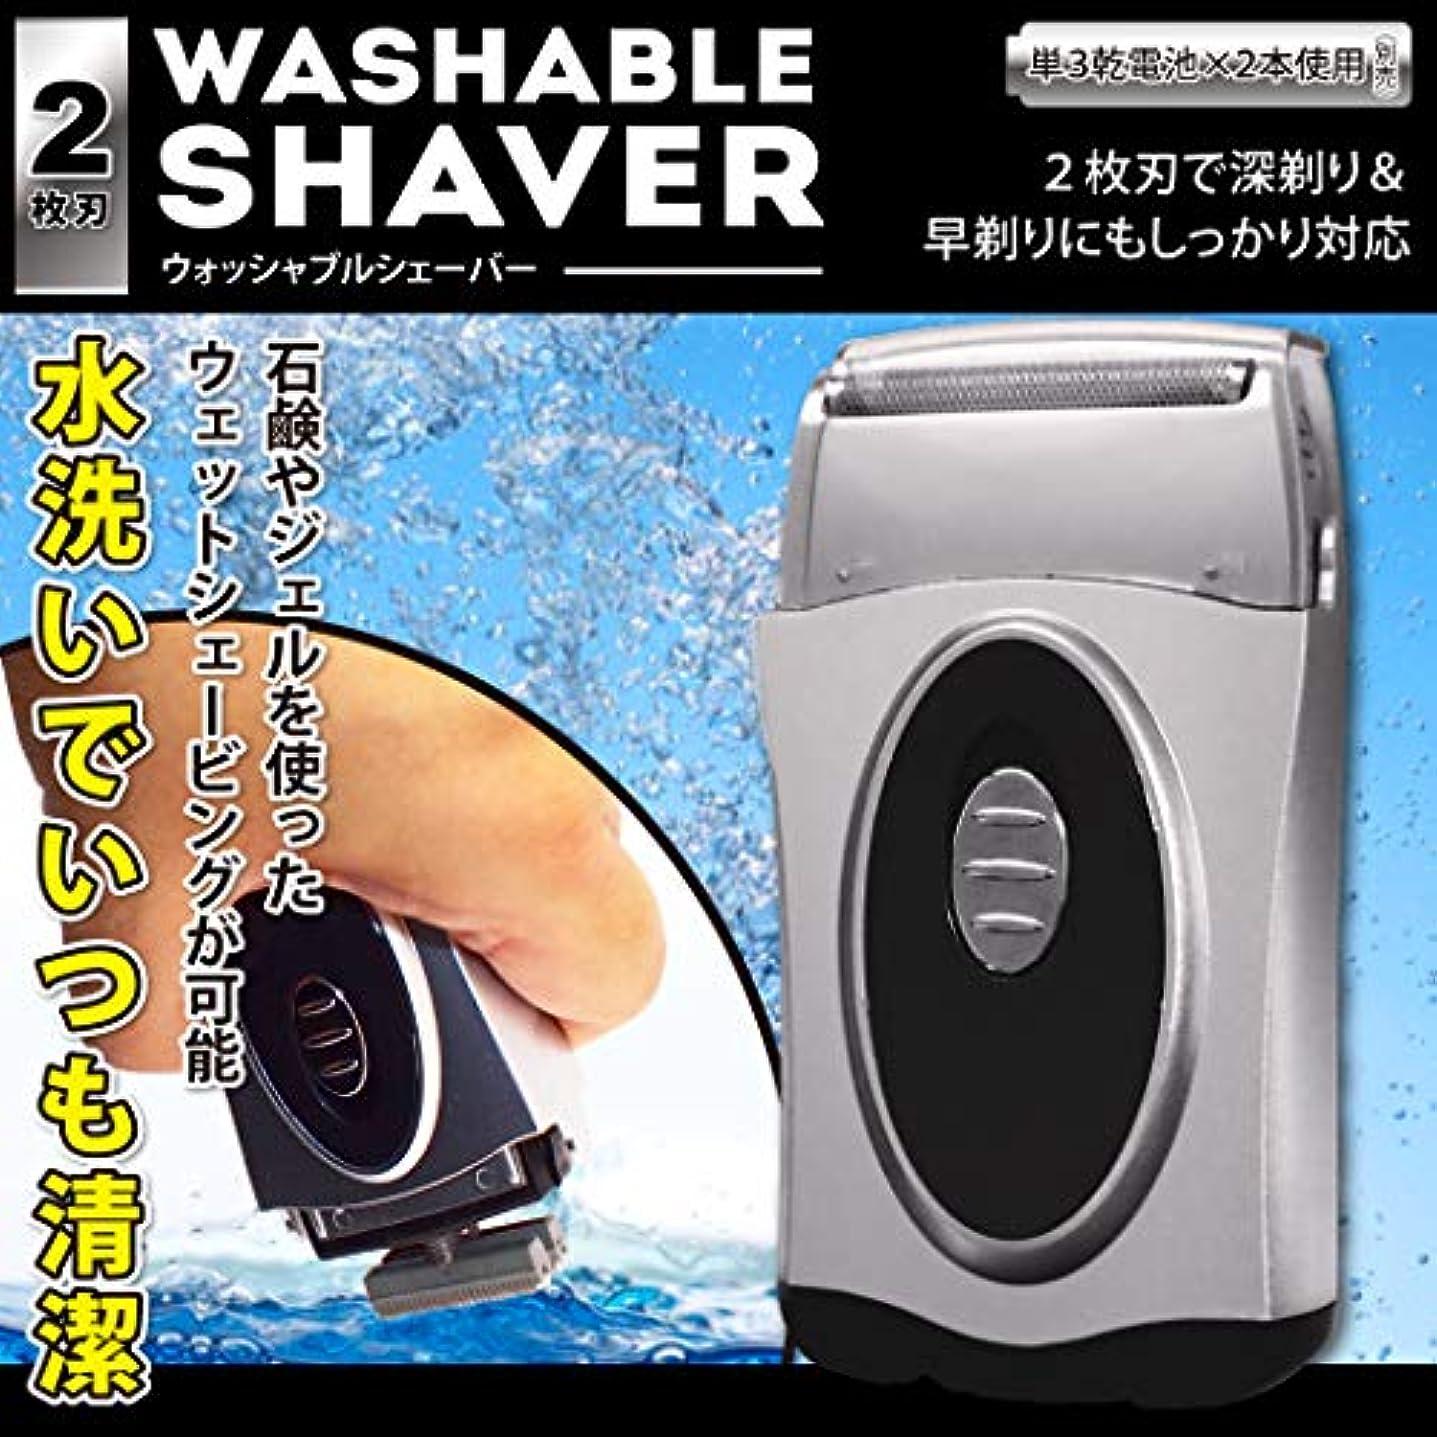 ウォッシャブルシェーバー 2枚刃 水洗い